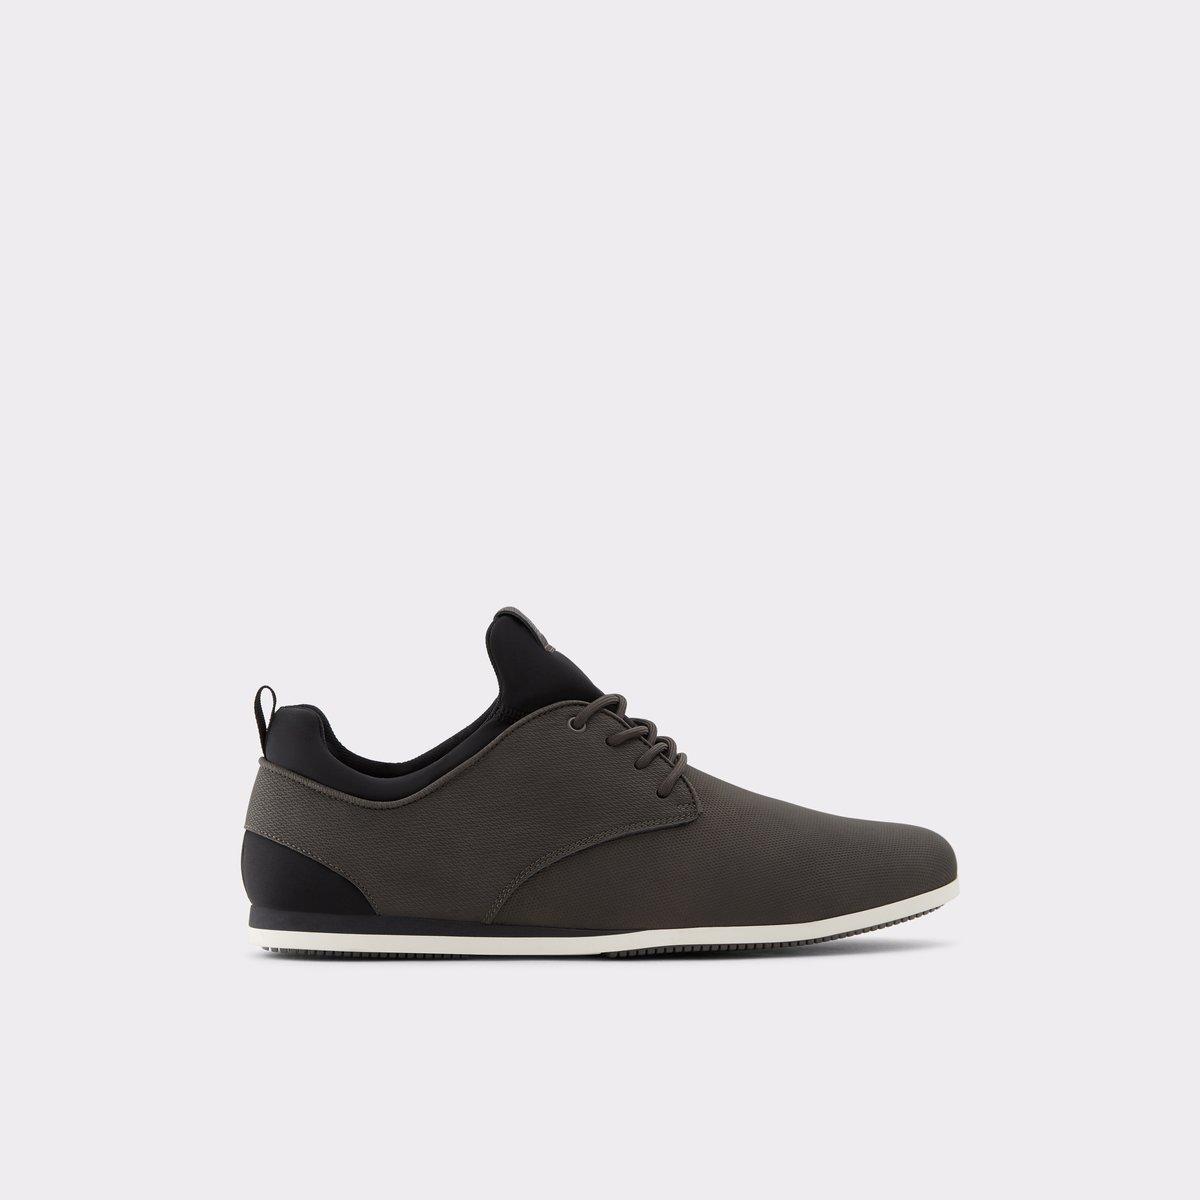 Preilia Dark Gray Men's Sneakers | ALDO US